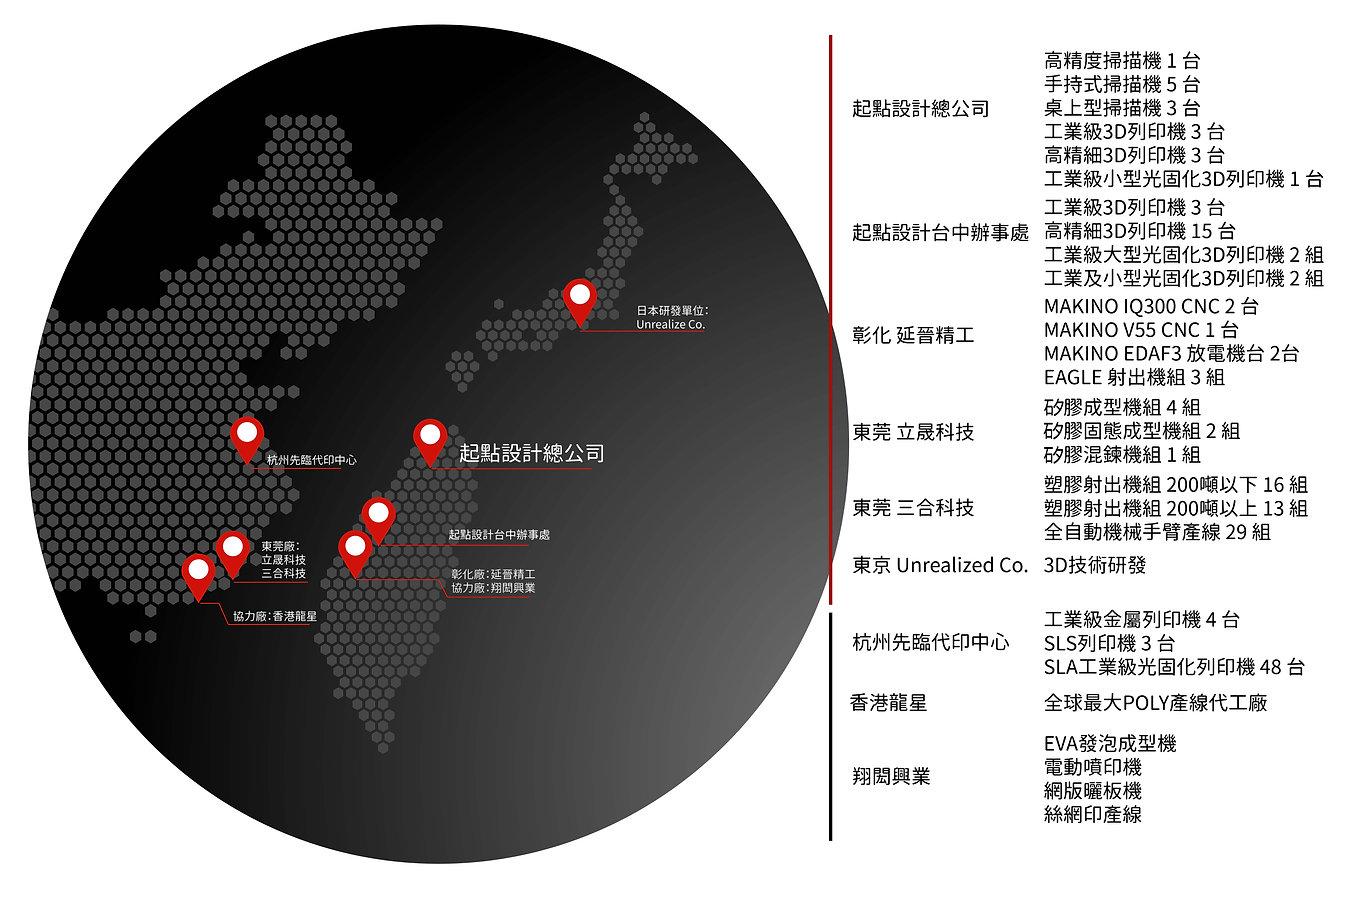 起點事業版圖-01.jpg